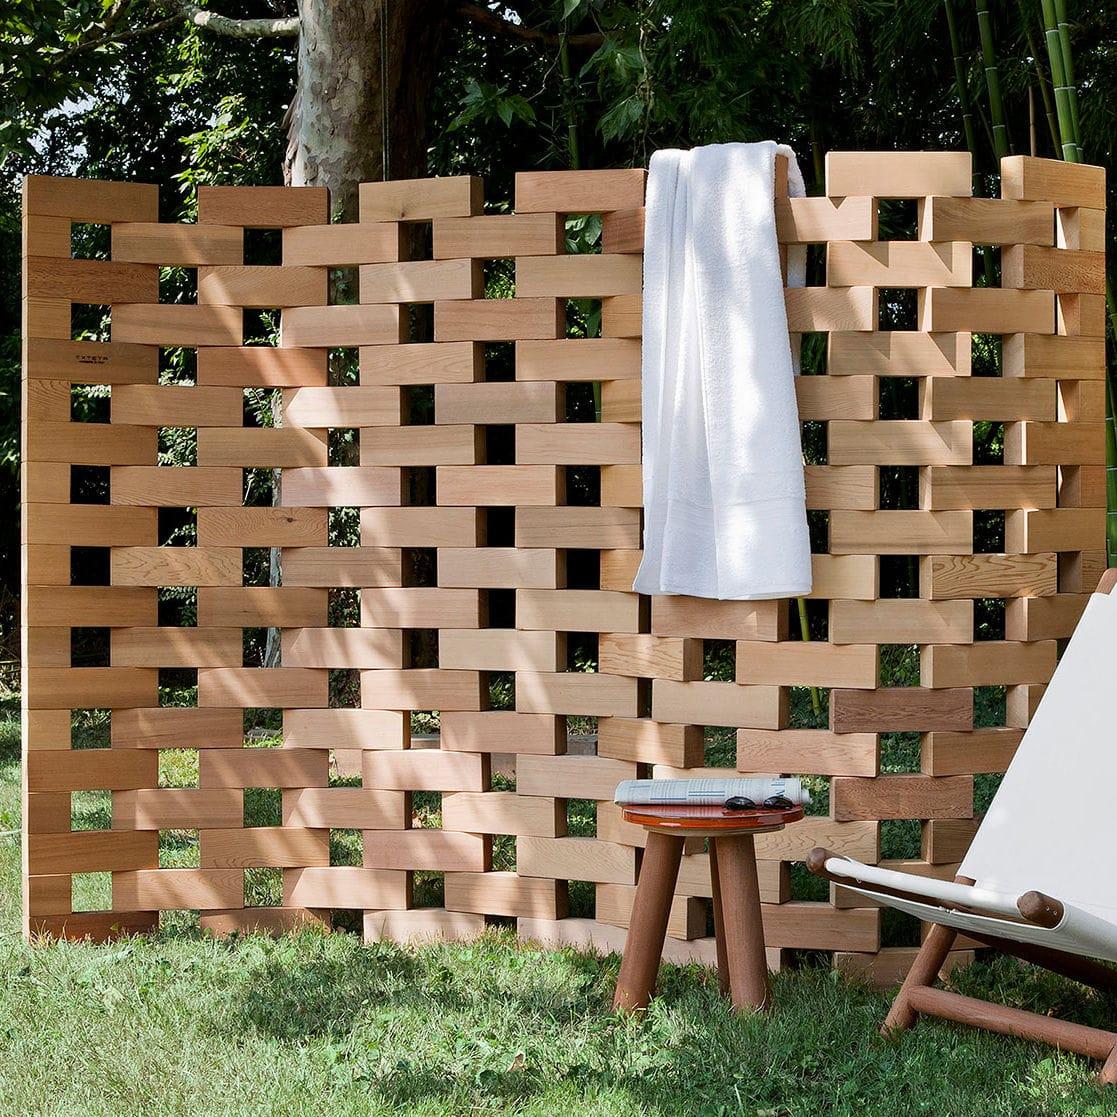 Full Size of Moderner Paravent Zen Exteta Holz Garten Bewässerungssystem Sonnenschutz Für Fenster Holztisch Spielhaus Schallschutz Klimagerät Schlafzimmer Rattan Sofa Wohnzimmer Paravent Für Garten